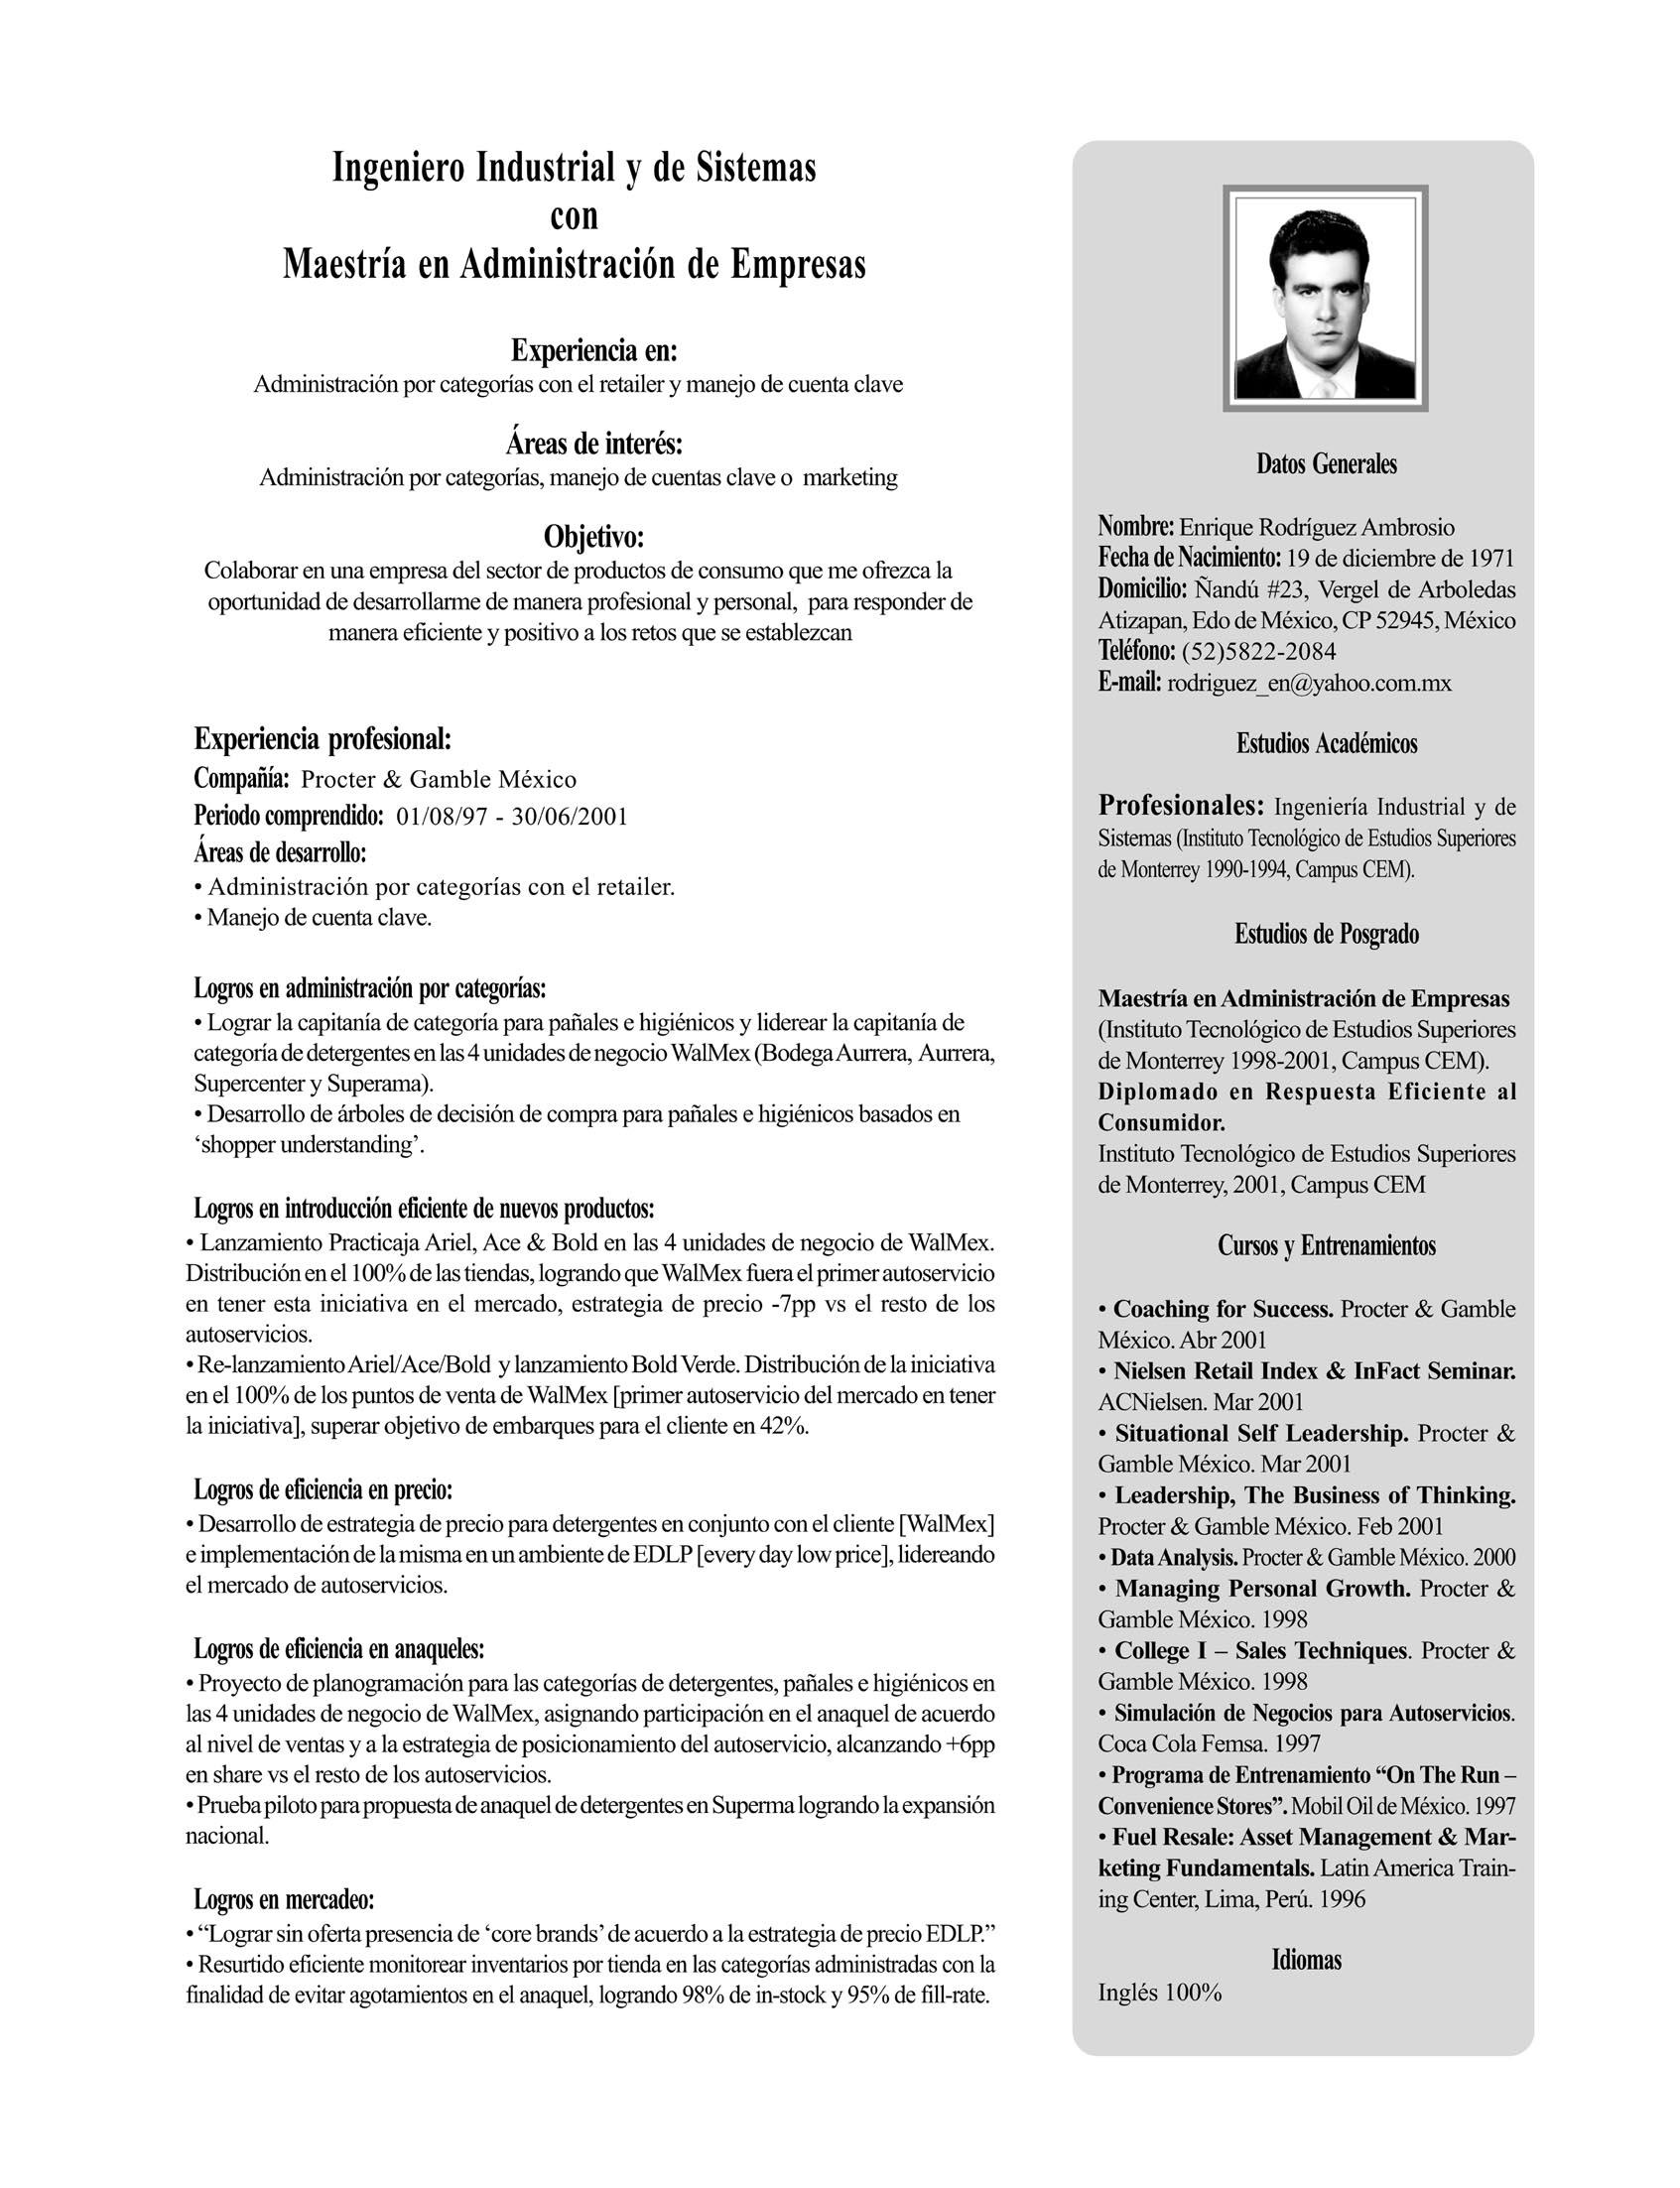 curriculum vitae traduction allemand